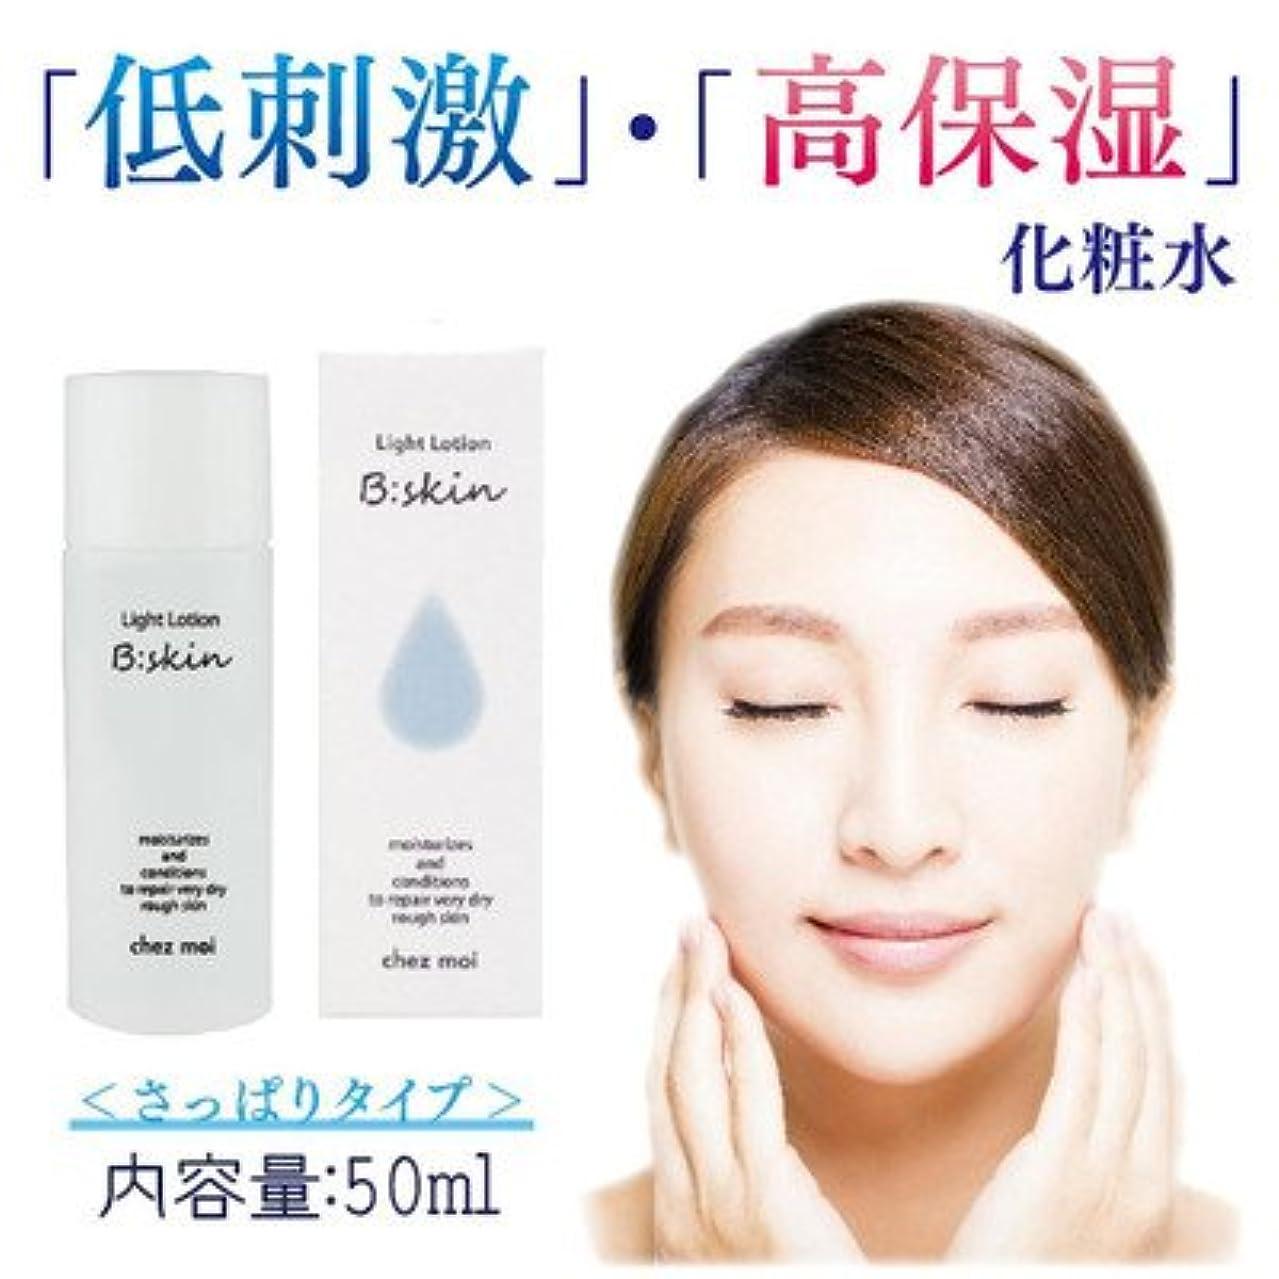 騒々しい動力学手術低刺激 高保湿 さっぱりタイプの化粧水 B:skin ビースキン Light Lotion ライトローション さっぱりタイプ 化粧水 50mL